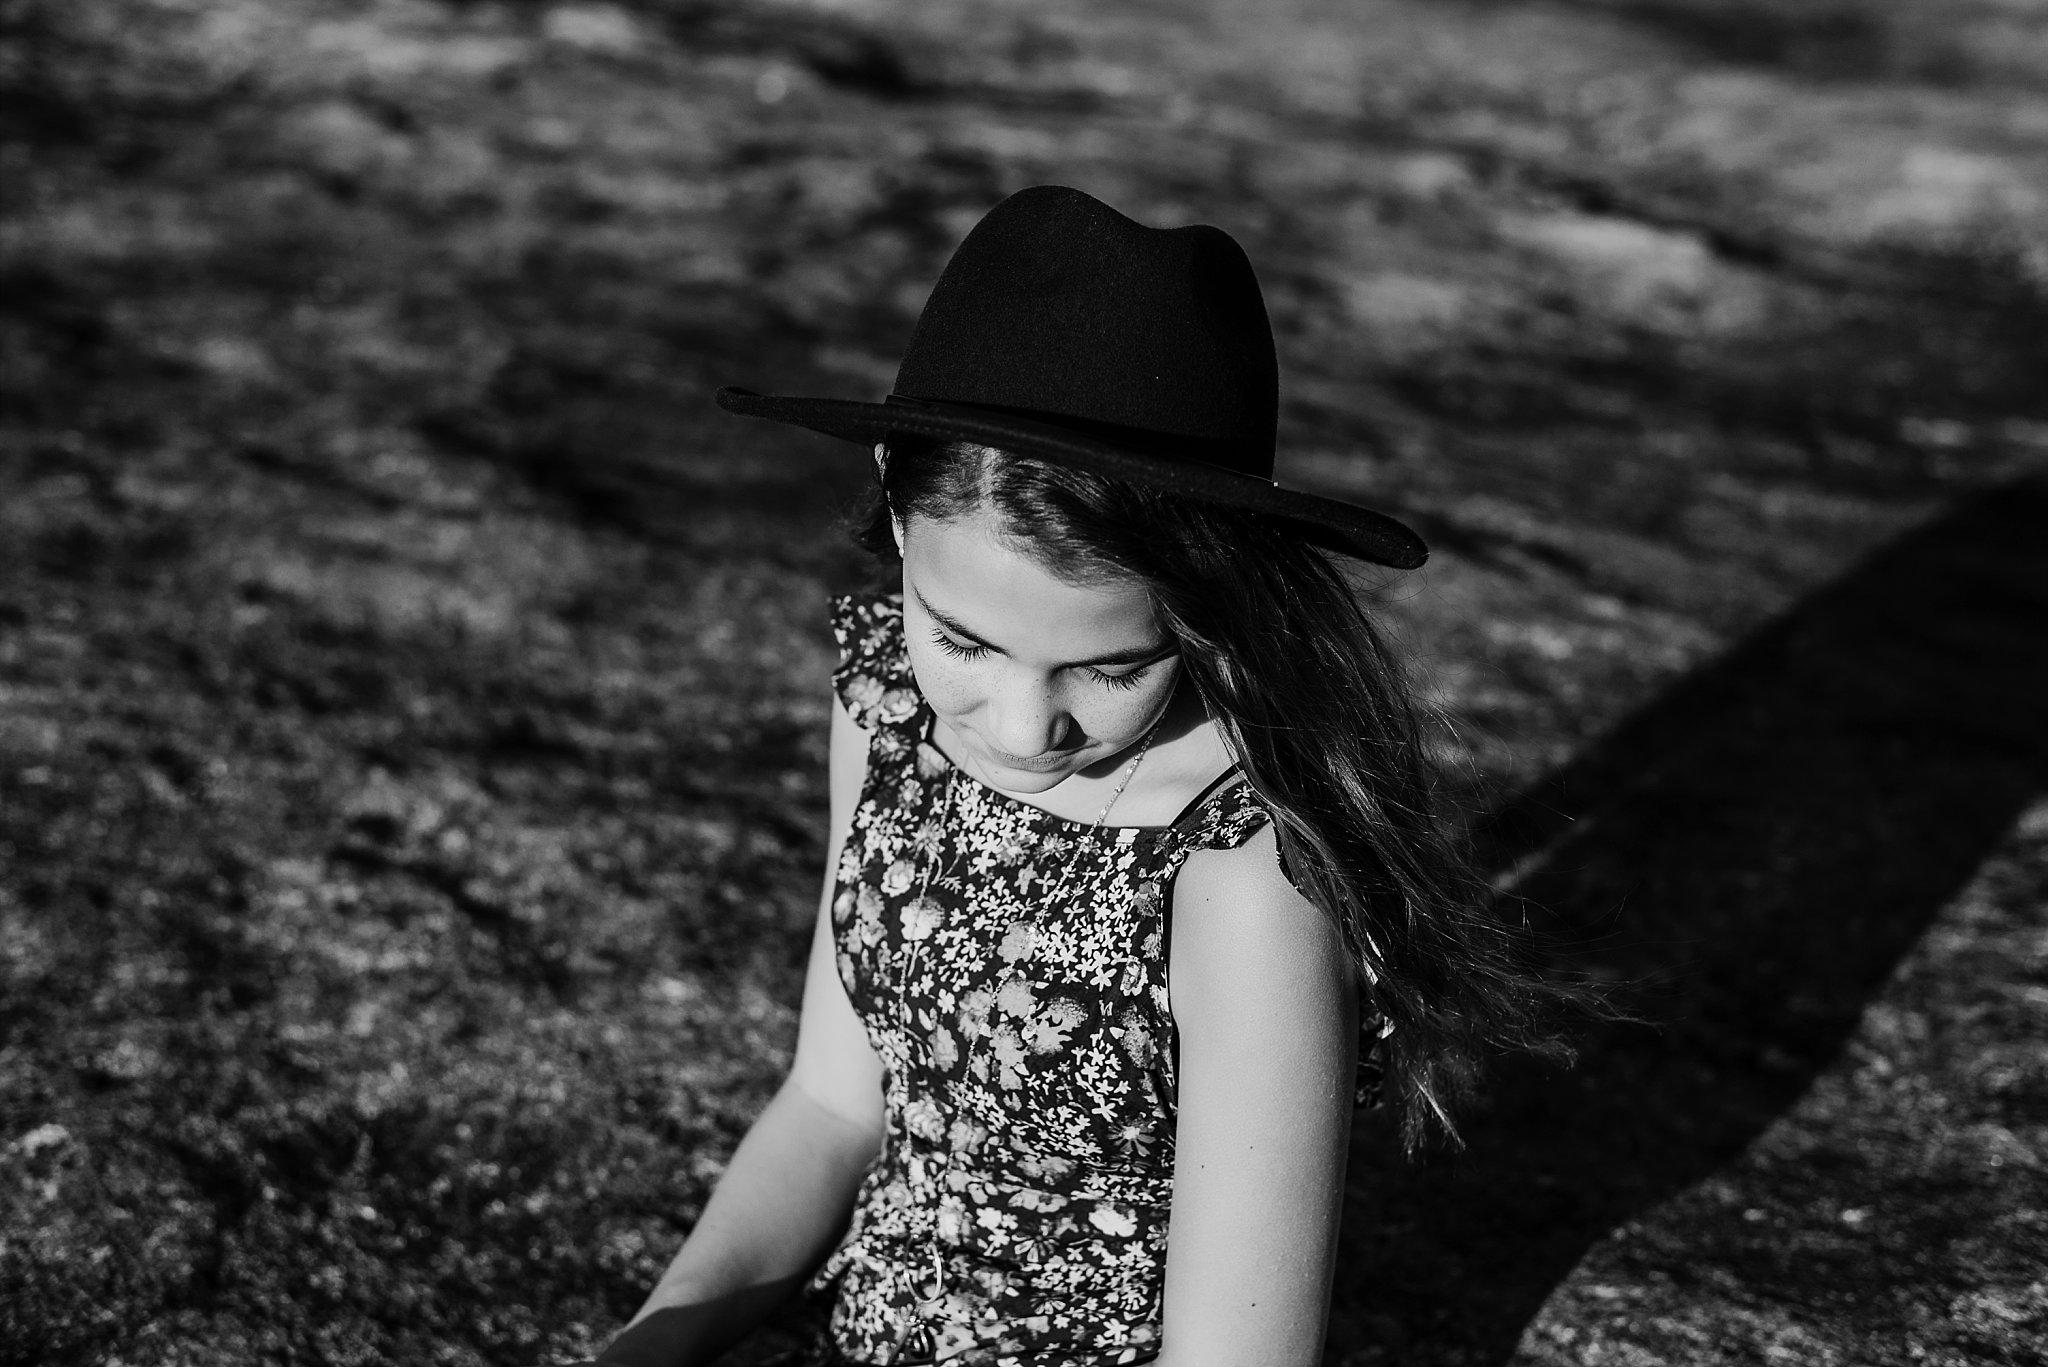 black and white image of girl Arabia Mountain Atlanta